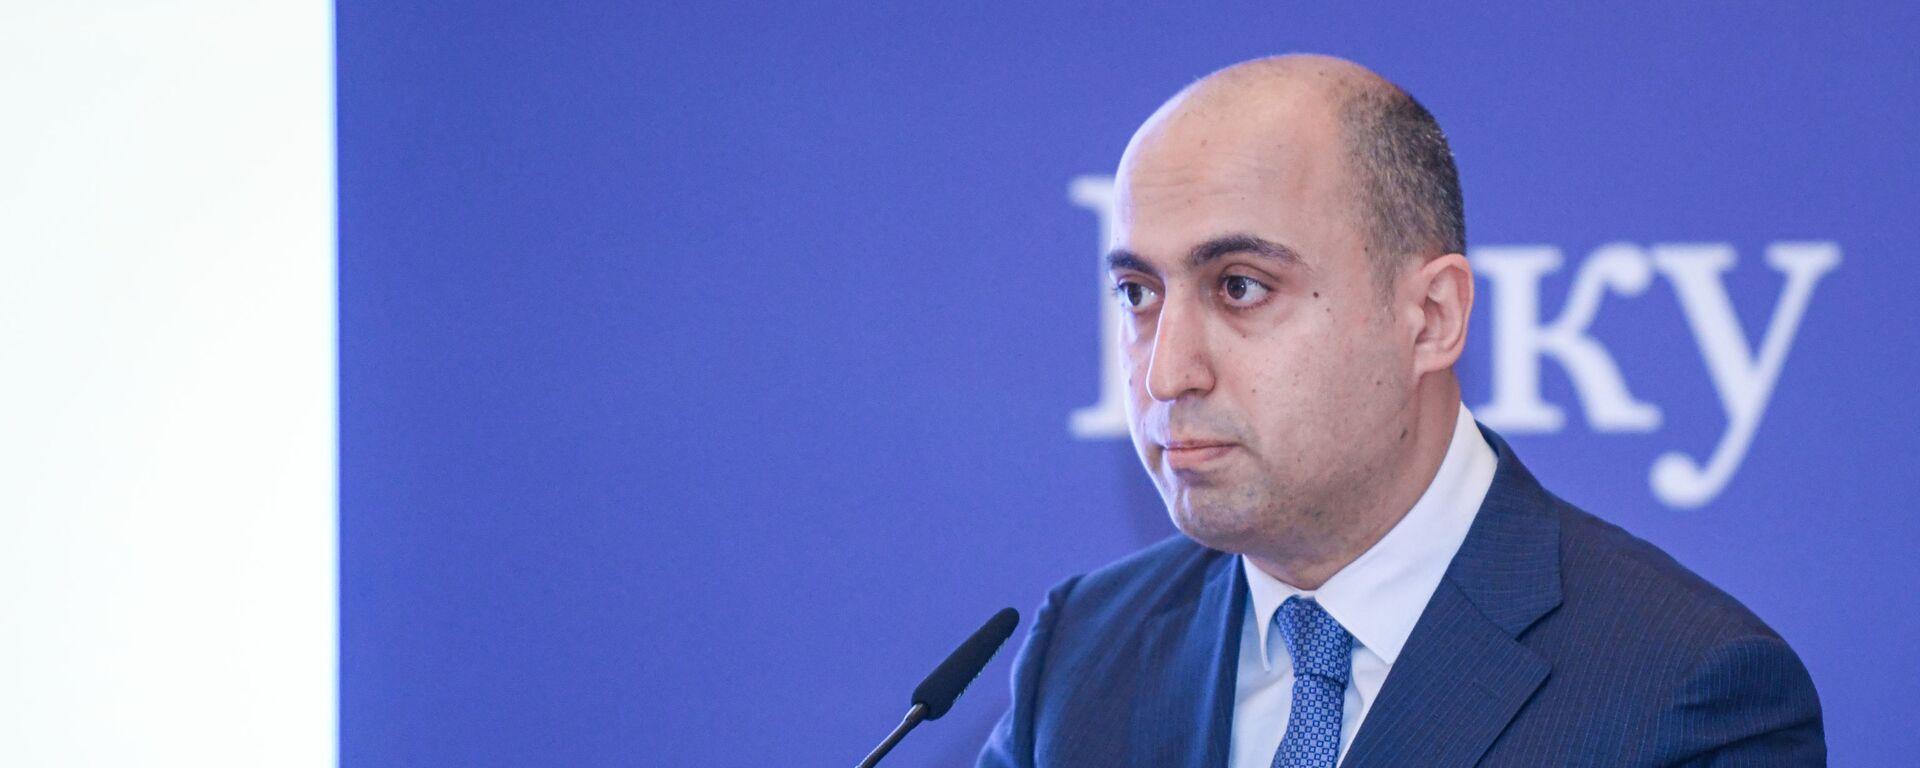 Министр образования Азербайджанской Республики Эмин Амруллаев - Sputnik Azərbaycan, 1920, 10.08.2021